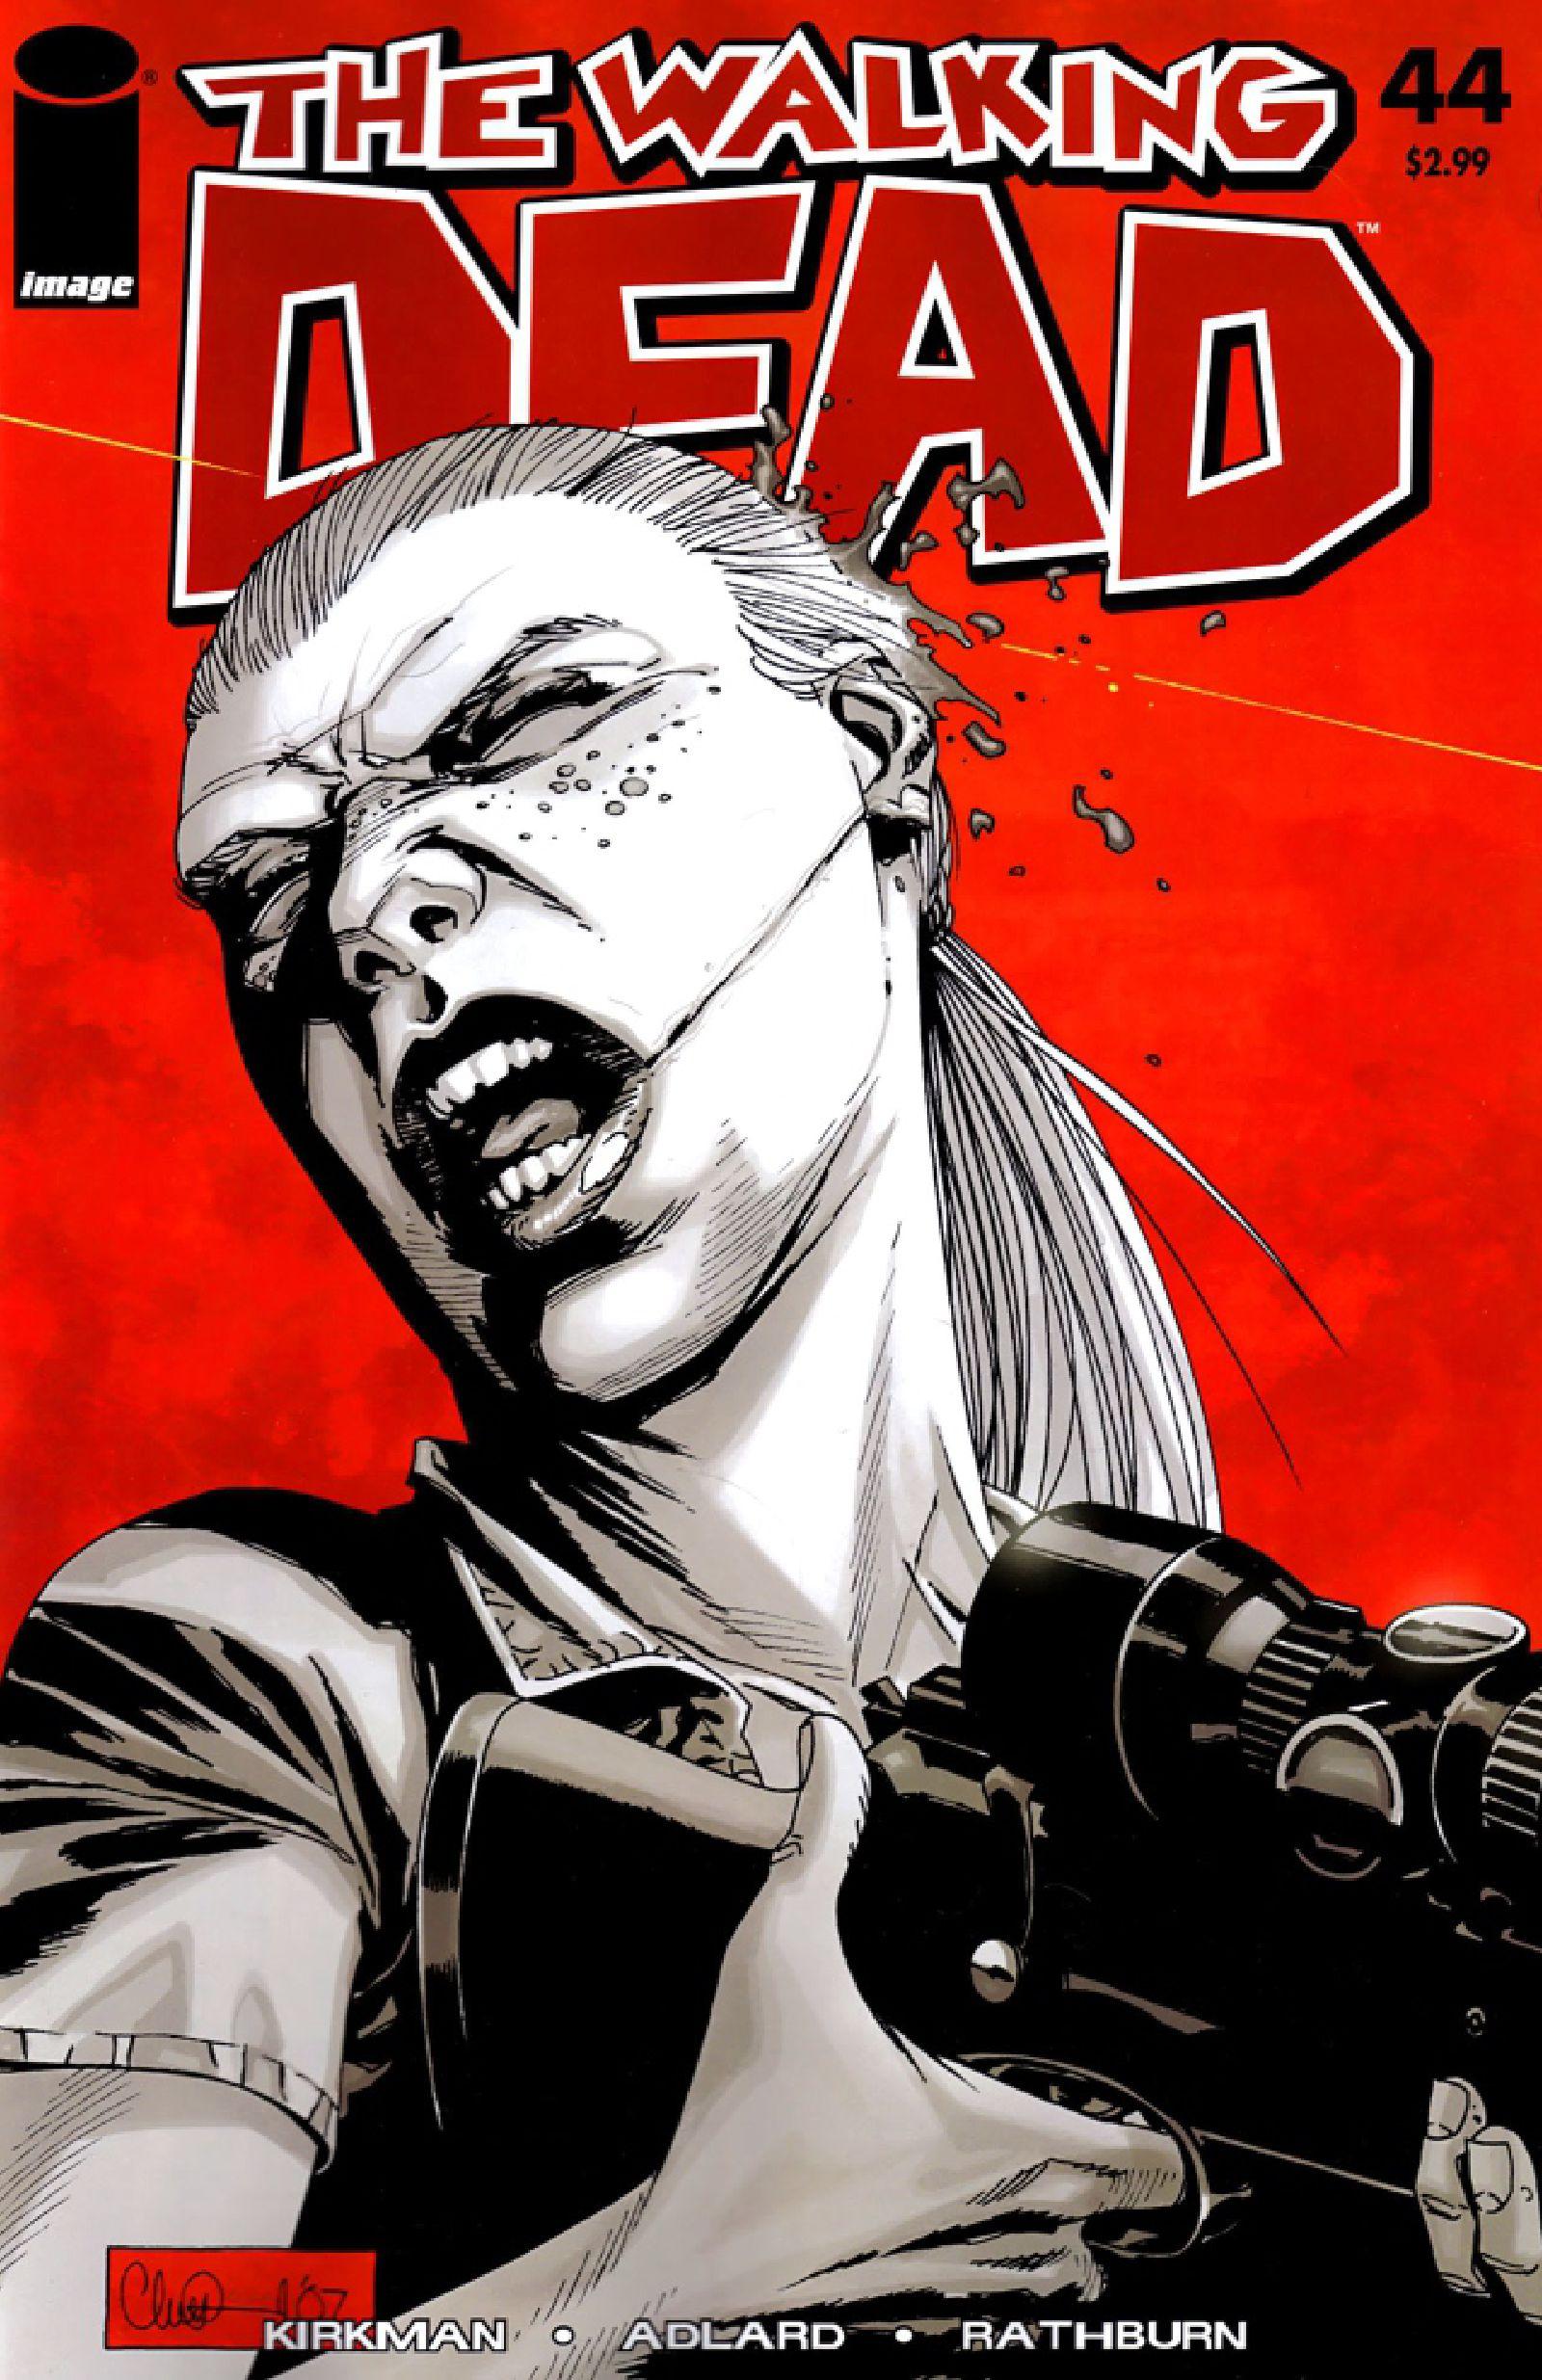 Walking Dead #44